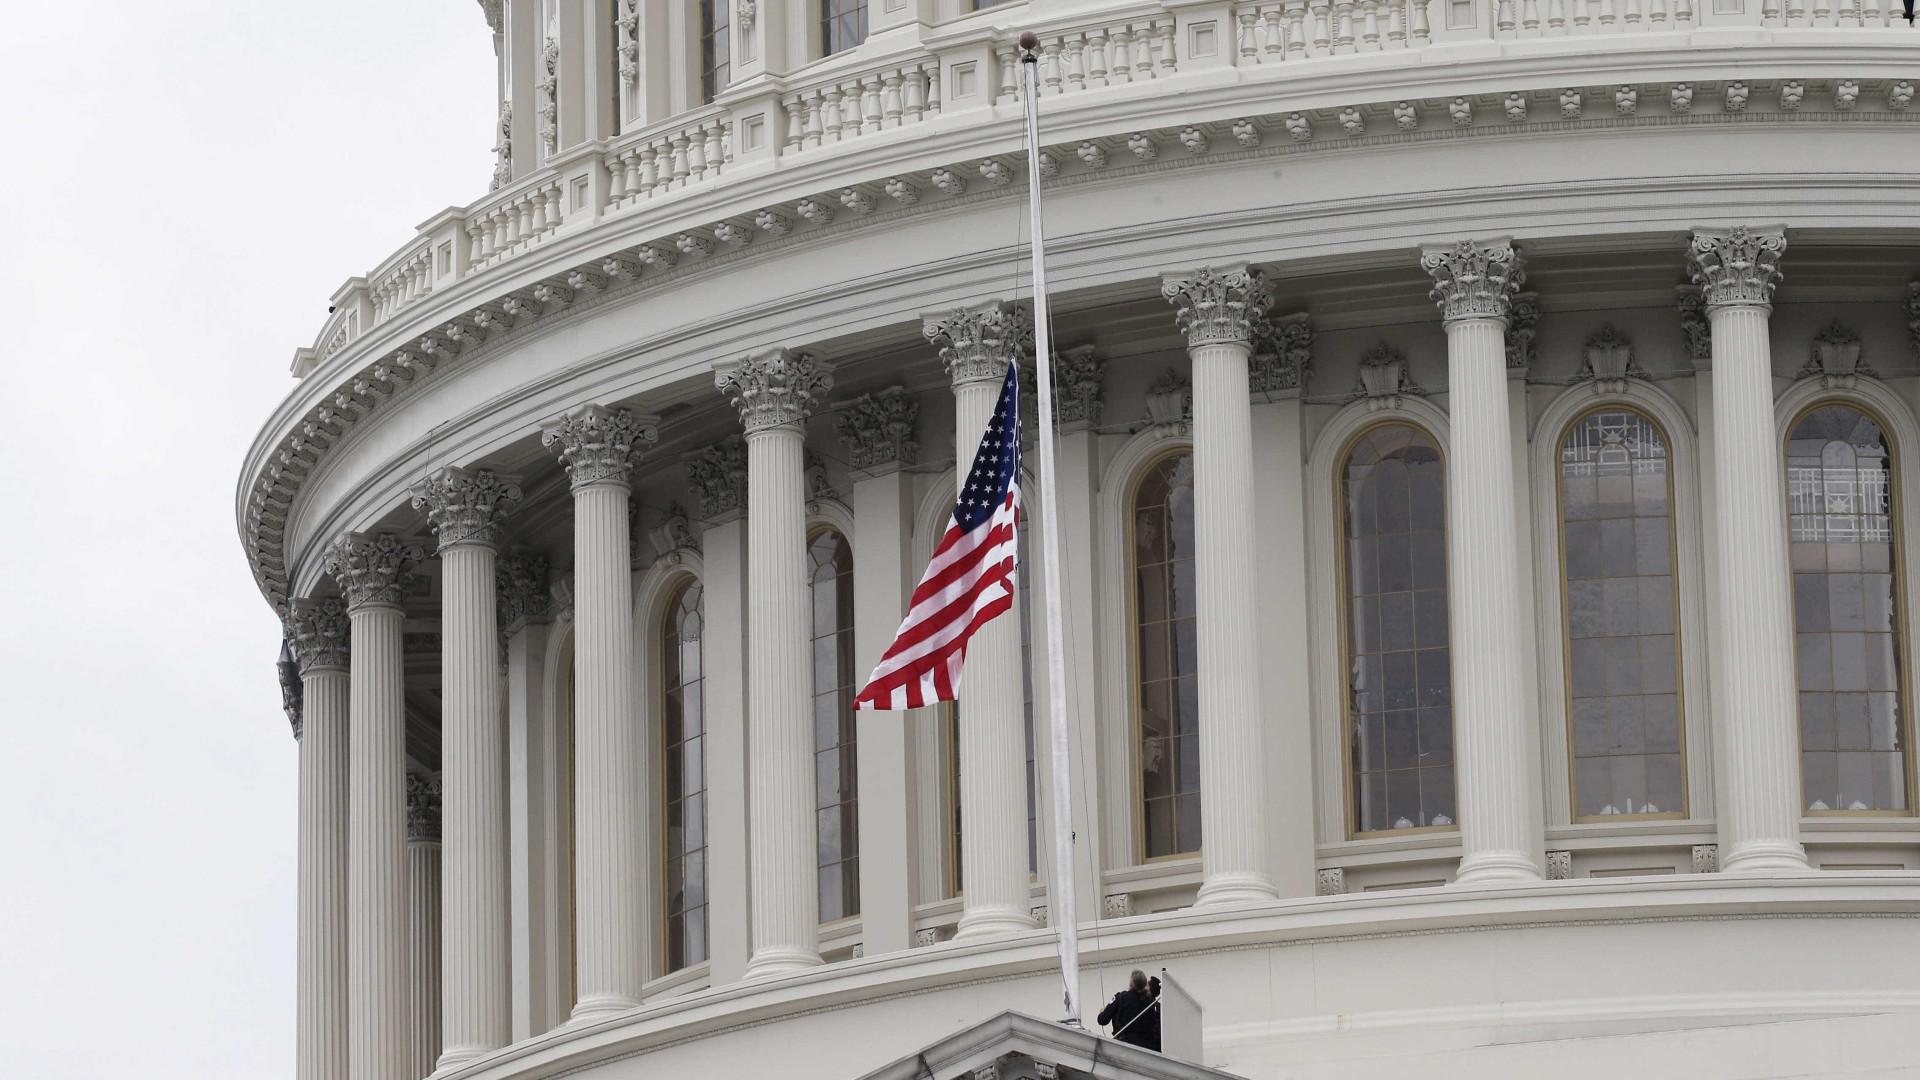 EUA insistem que Crimeia pertence à Ucrânia e criticam Putin